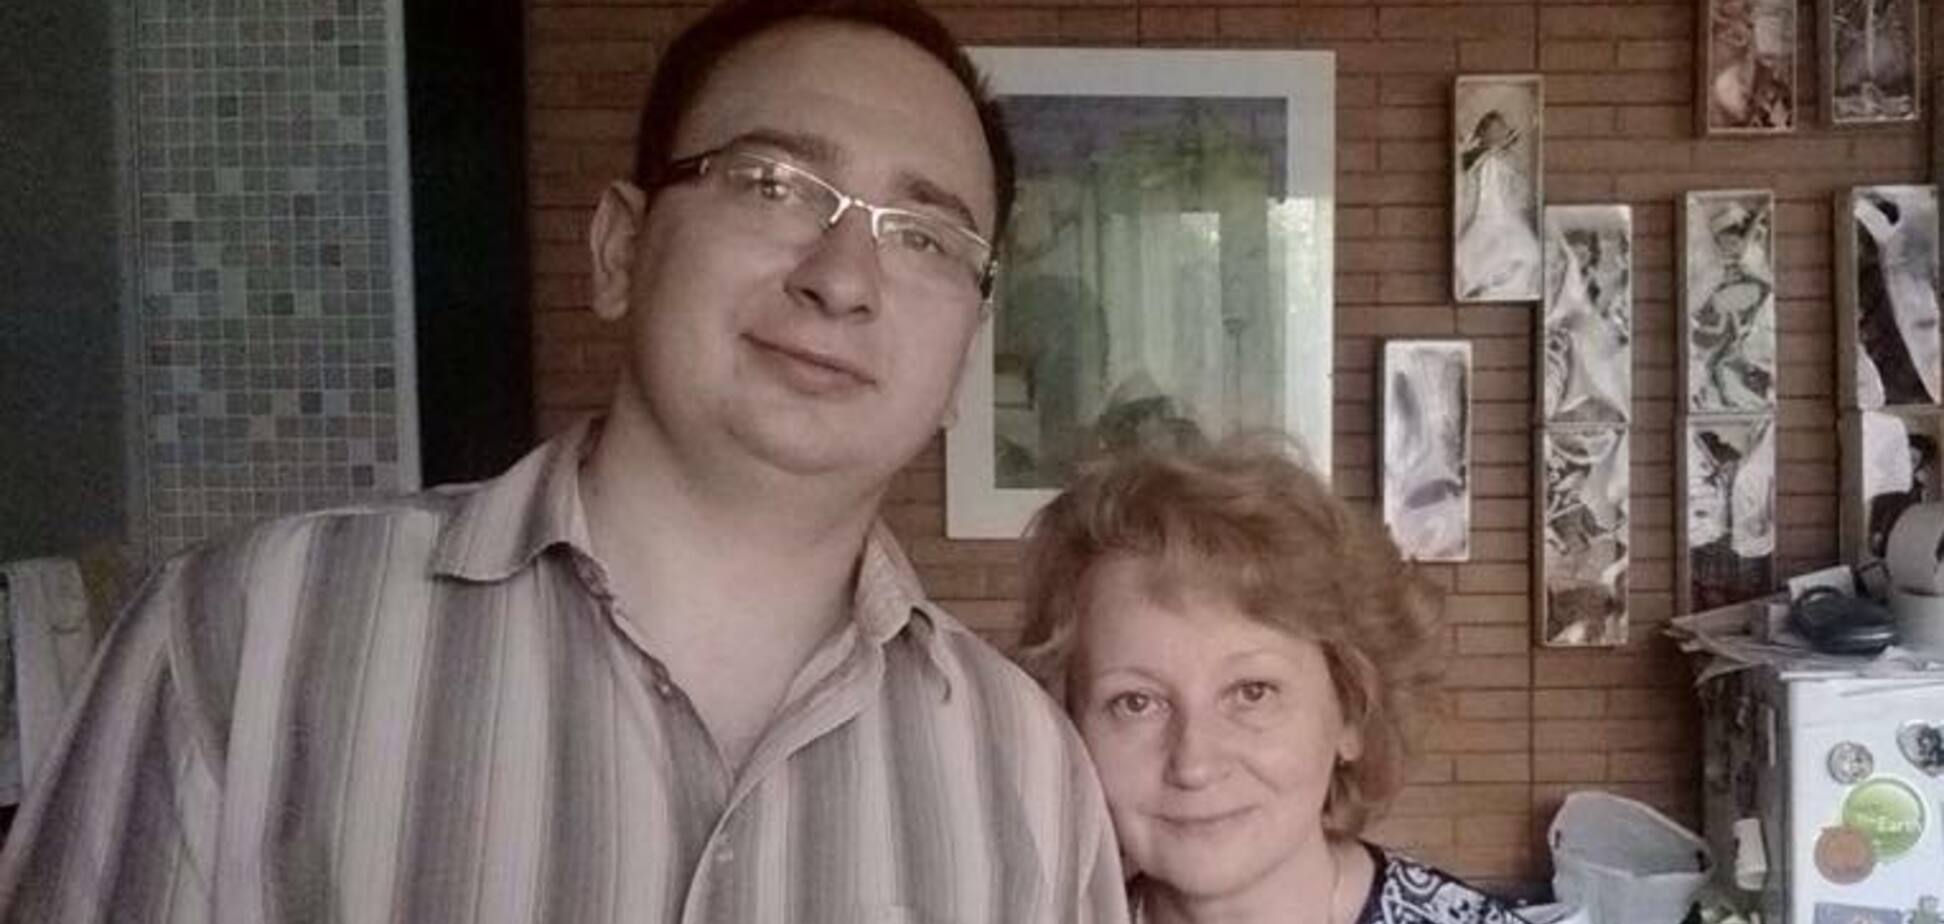 Поражение легких и потерянный тест: Полозов рассказал о беспределе в больницах России